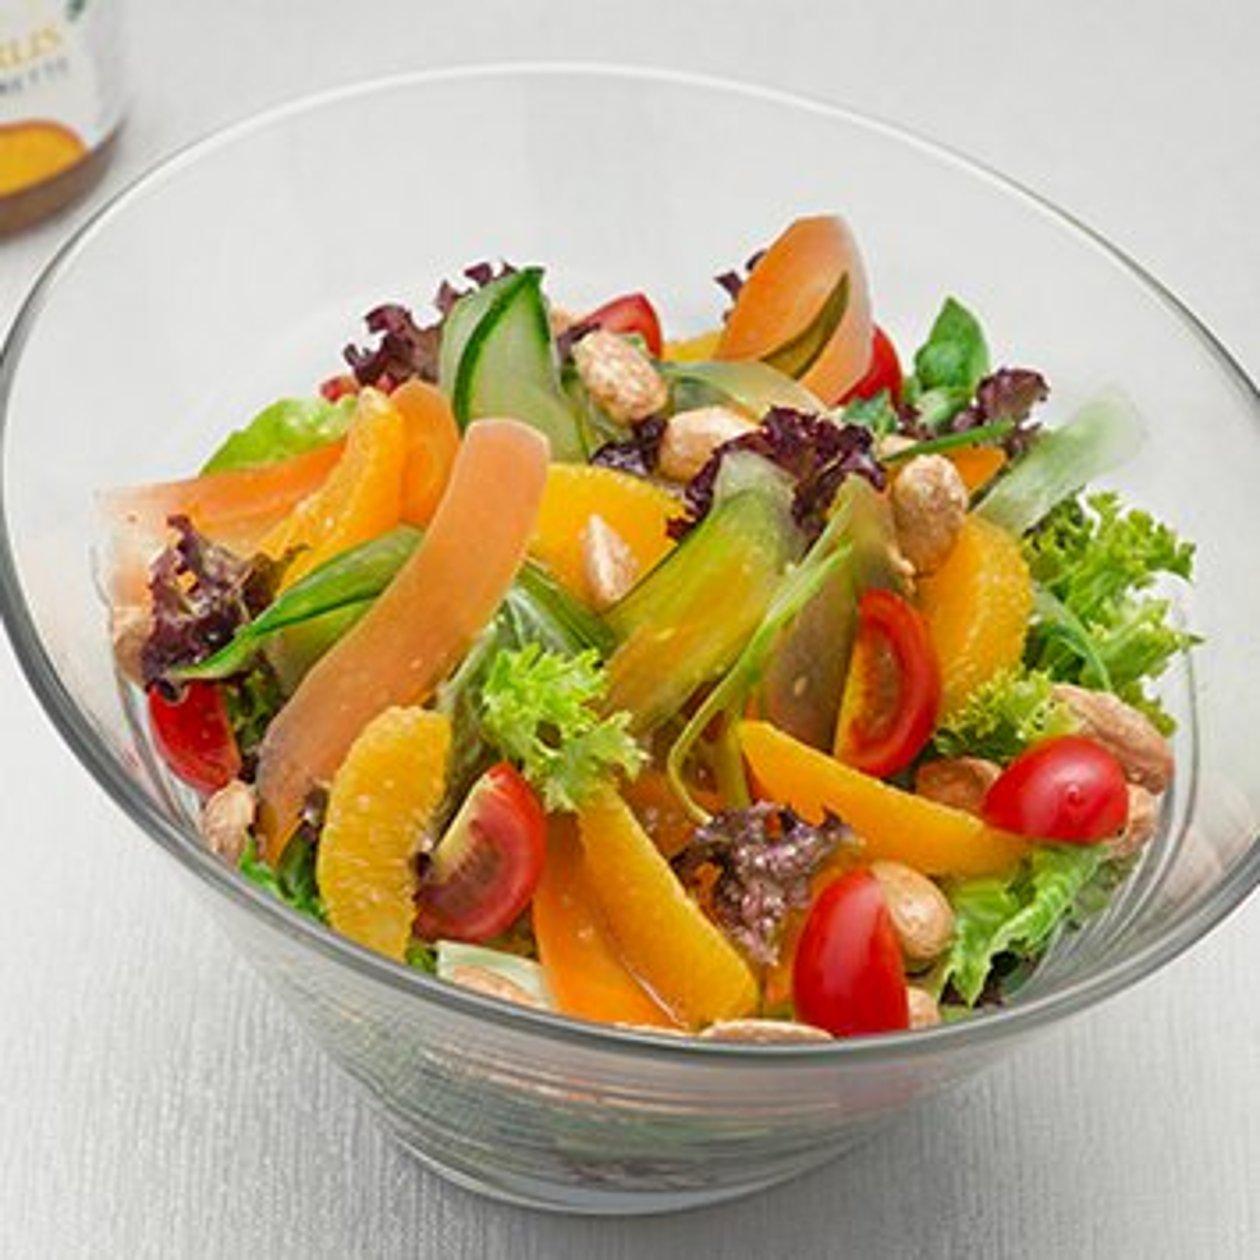 Insalata Mista con Cetrioli, carote marinate, arance e mandorle tostate – Ricetta